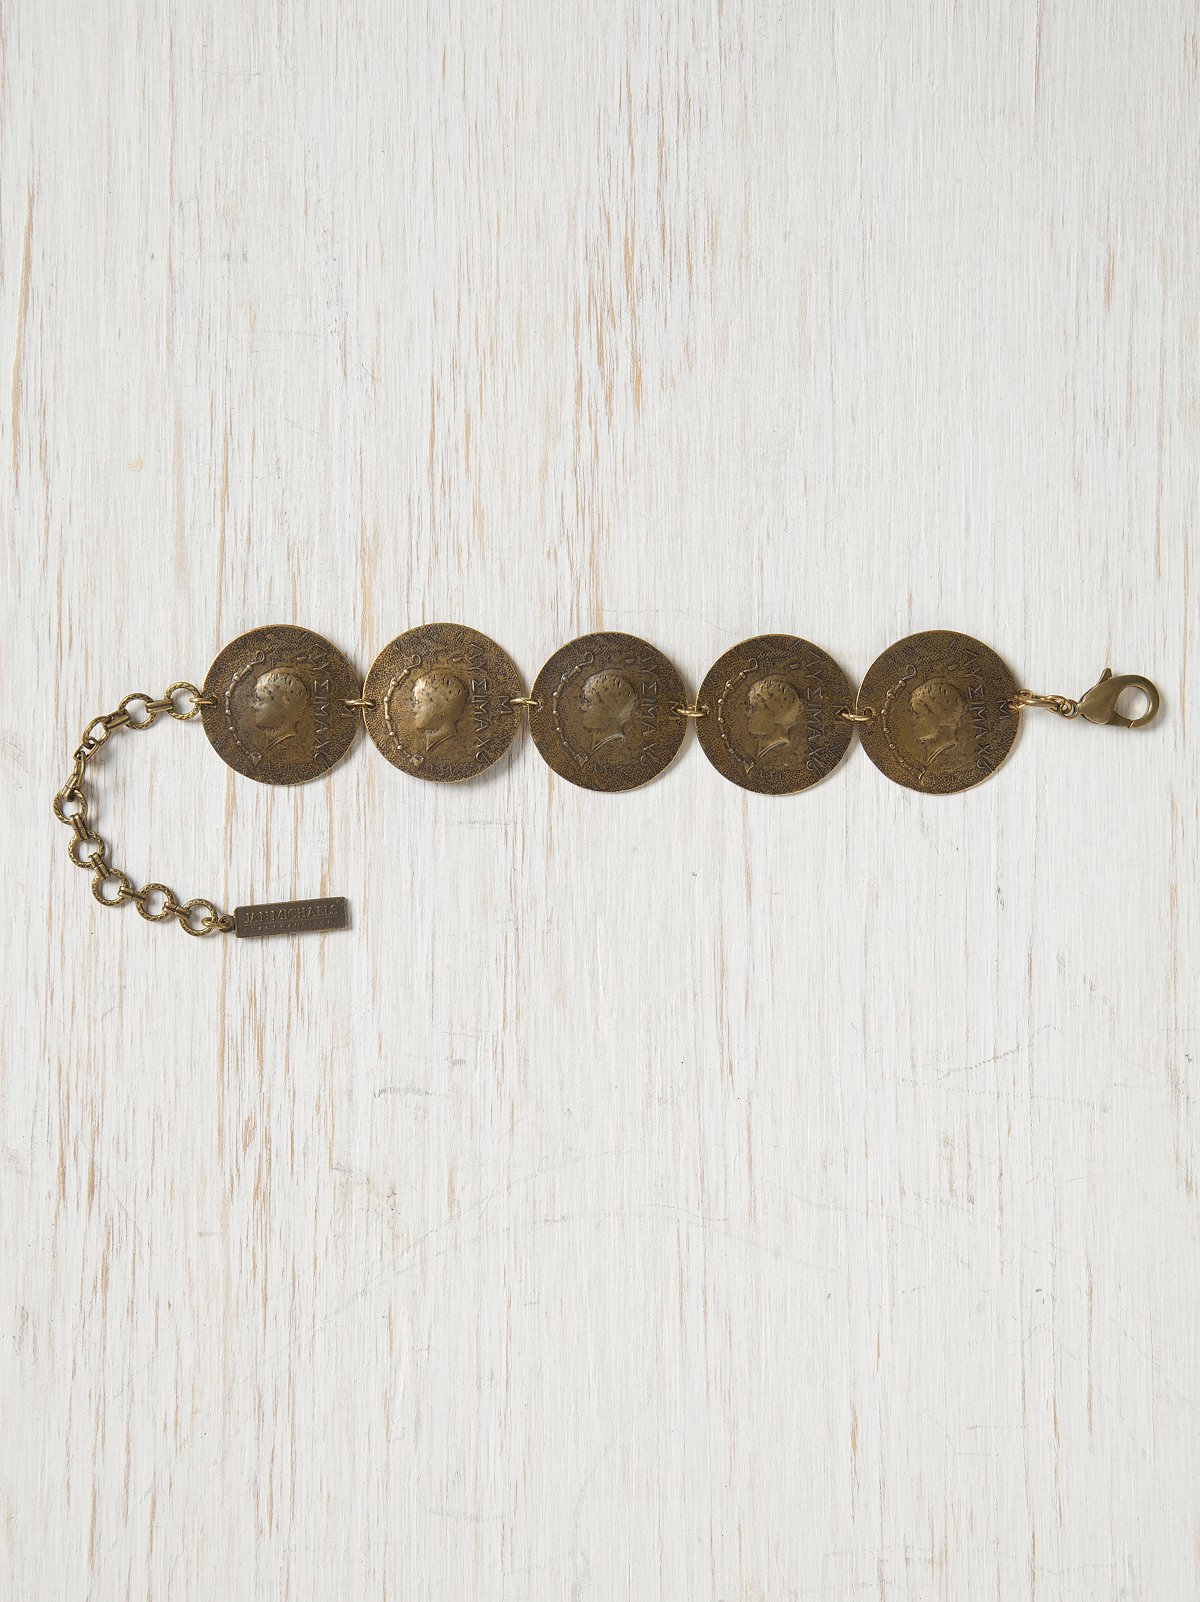 Traded Coin Bracelet